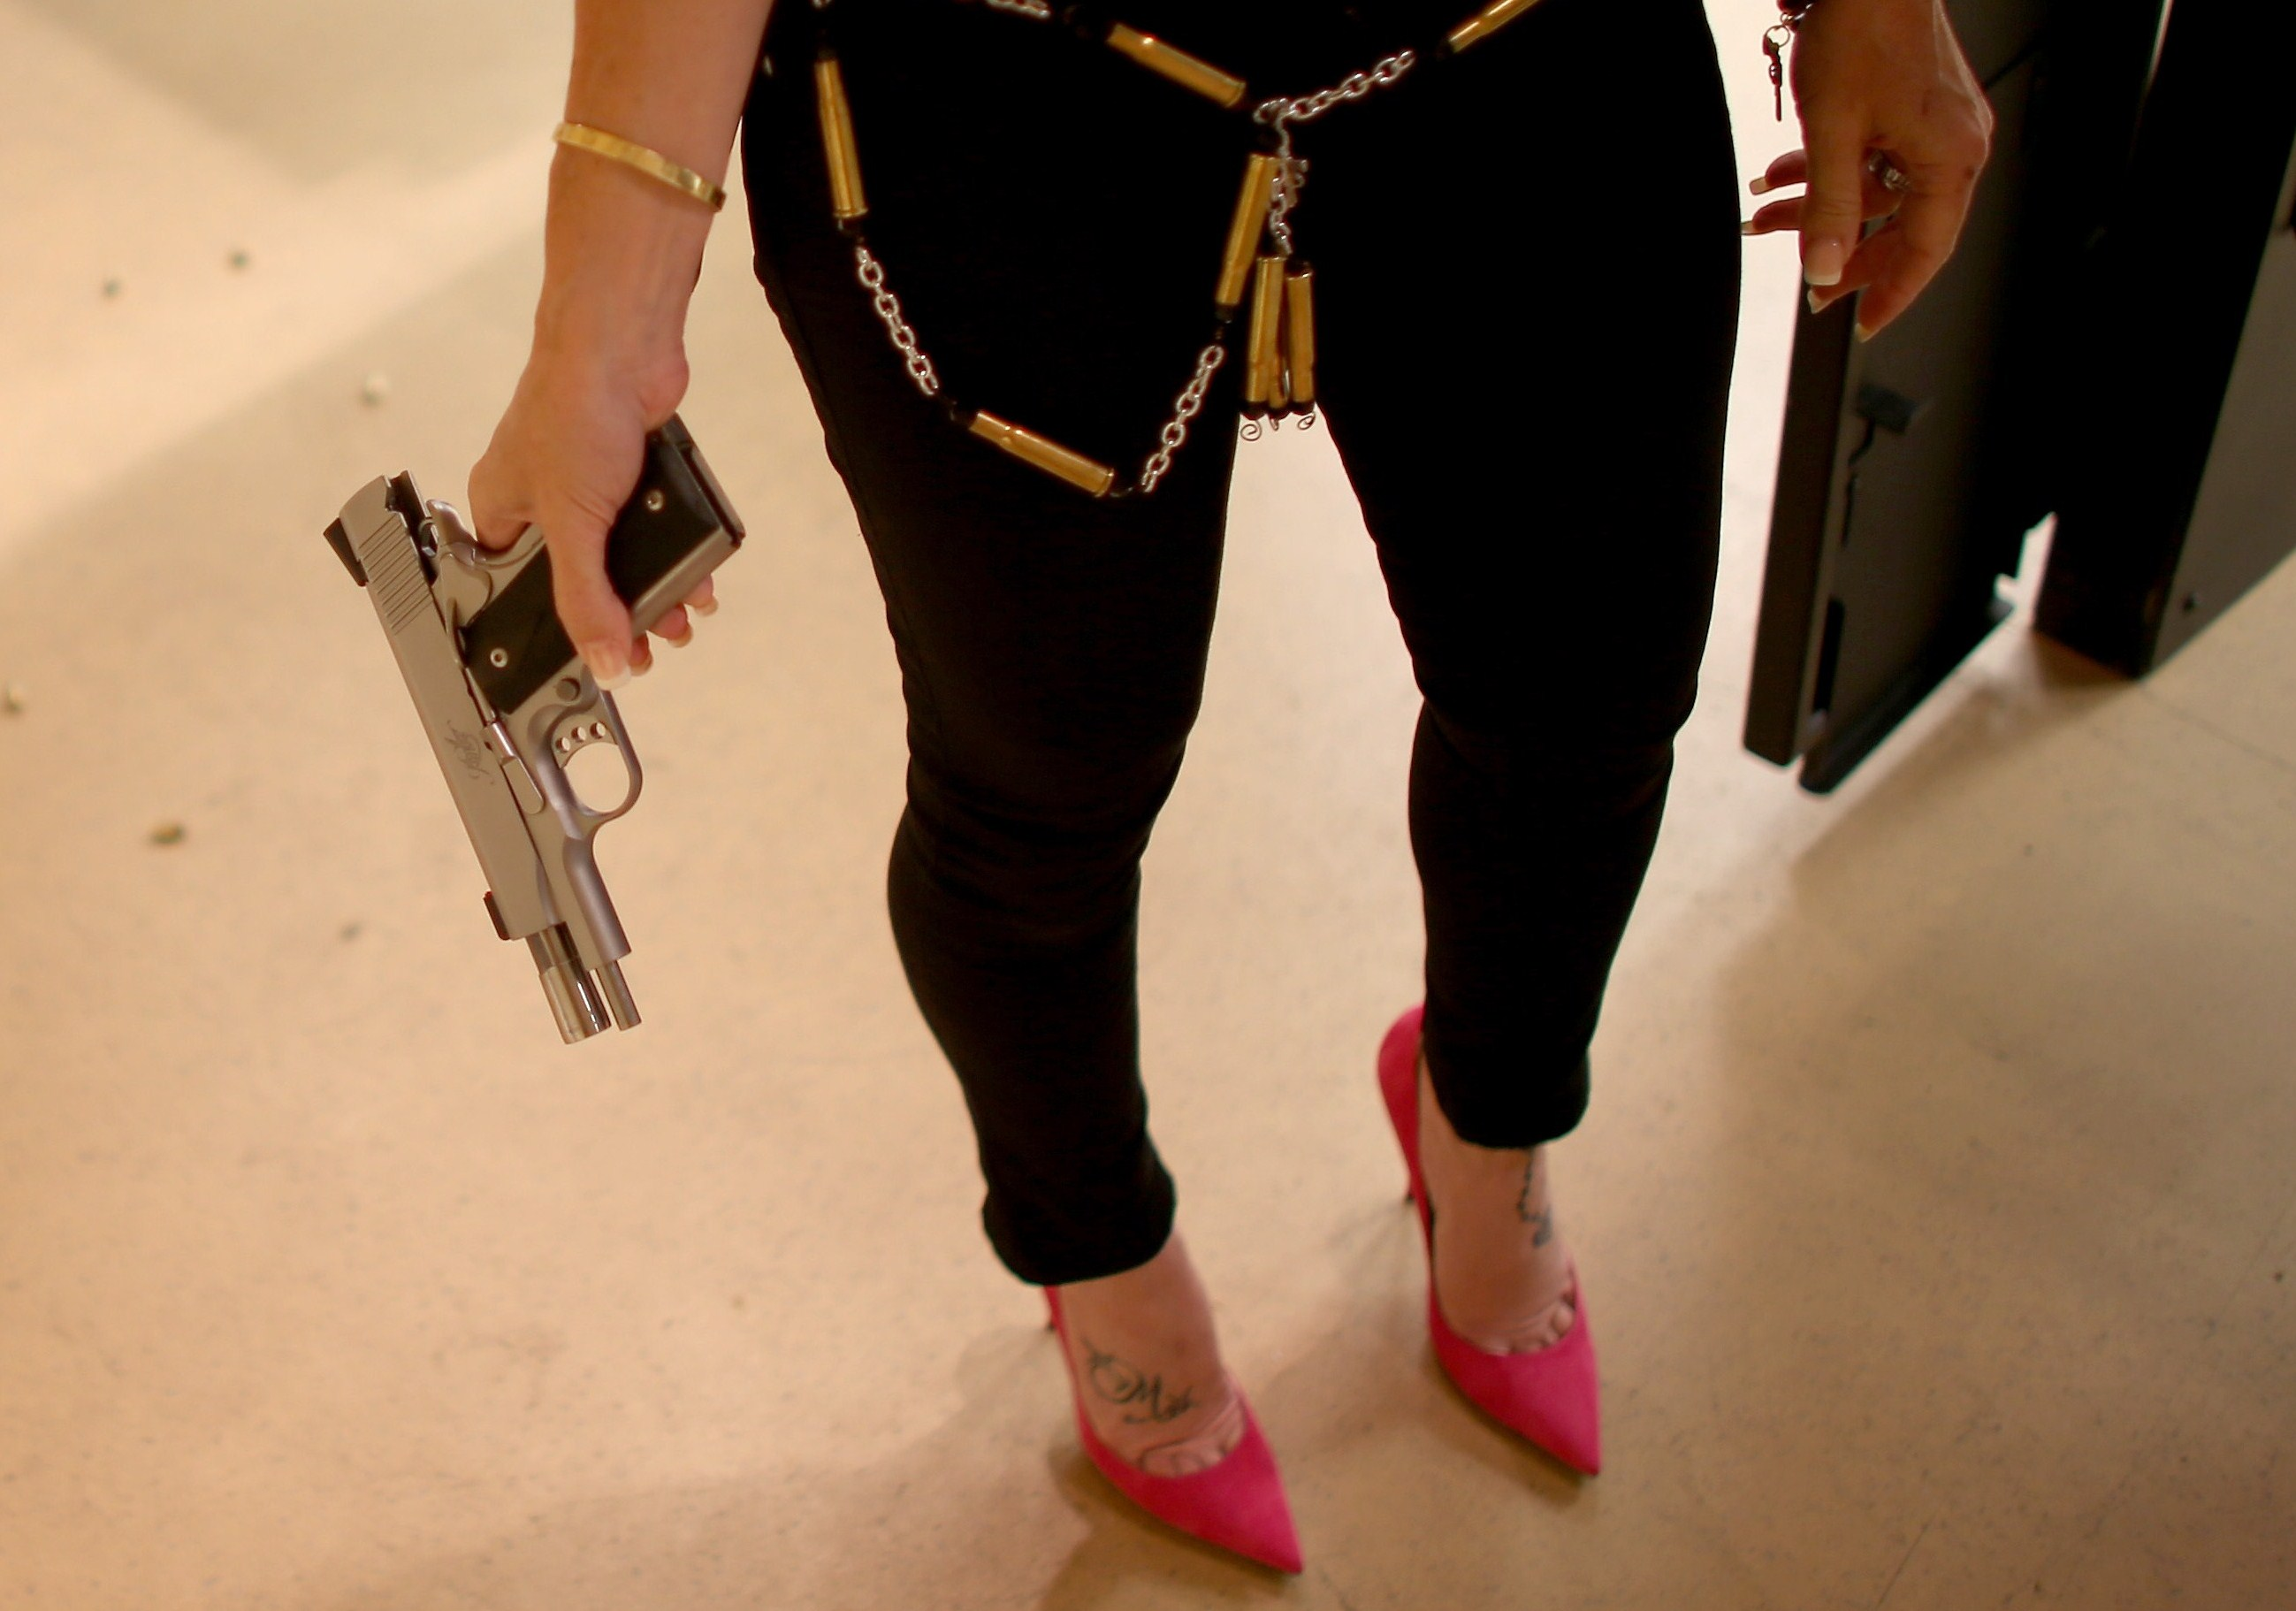 Moda choc: la linea di accessori ispirata alle armi (FOTO)